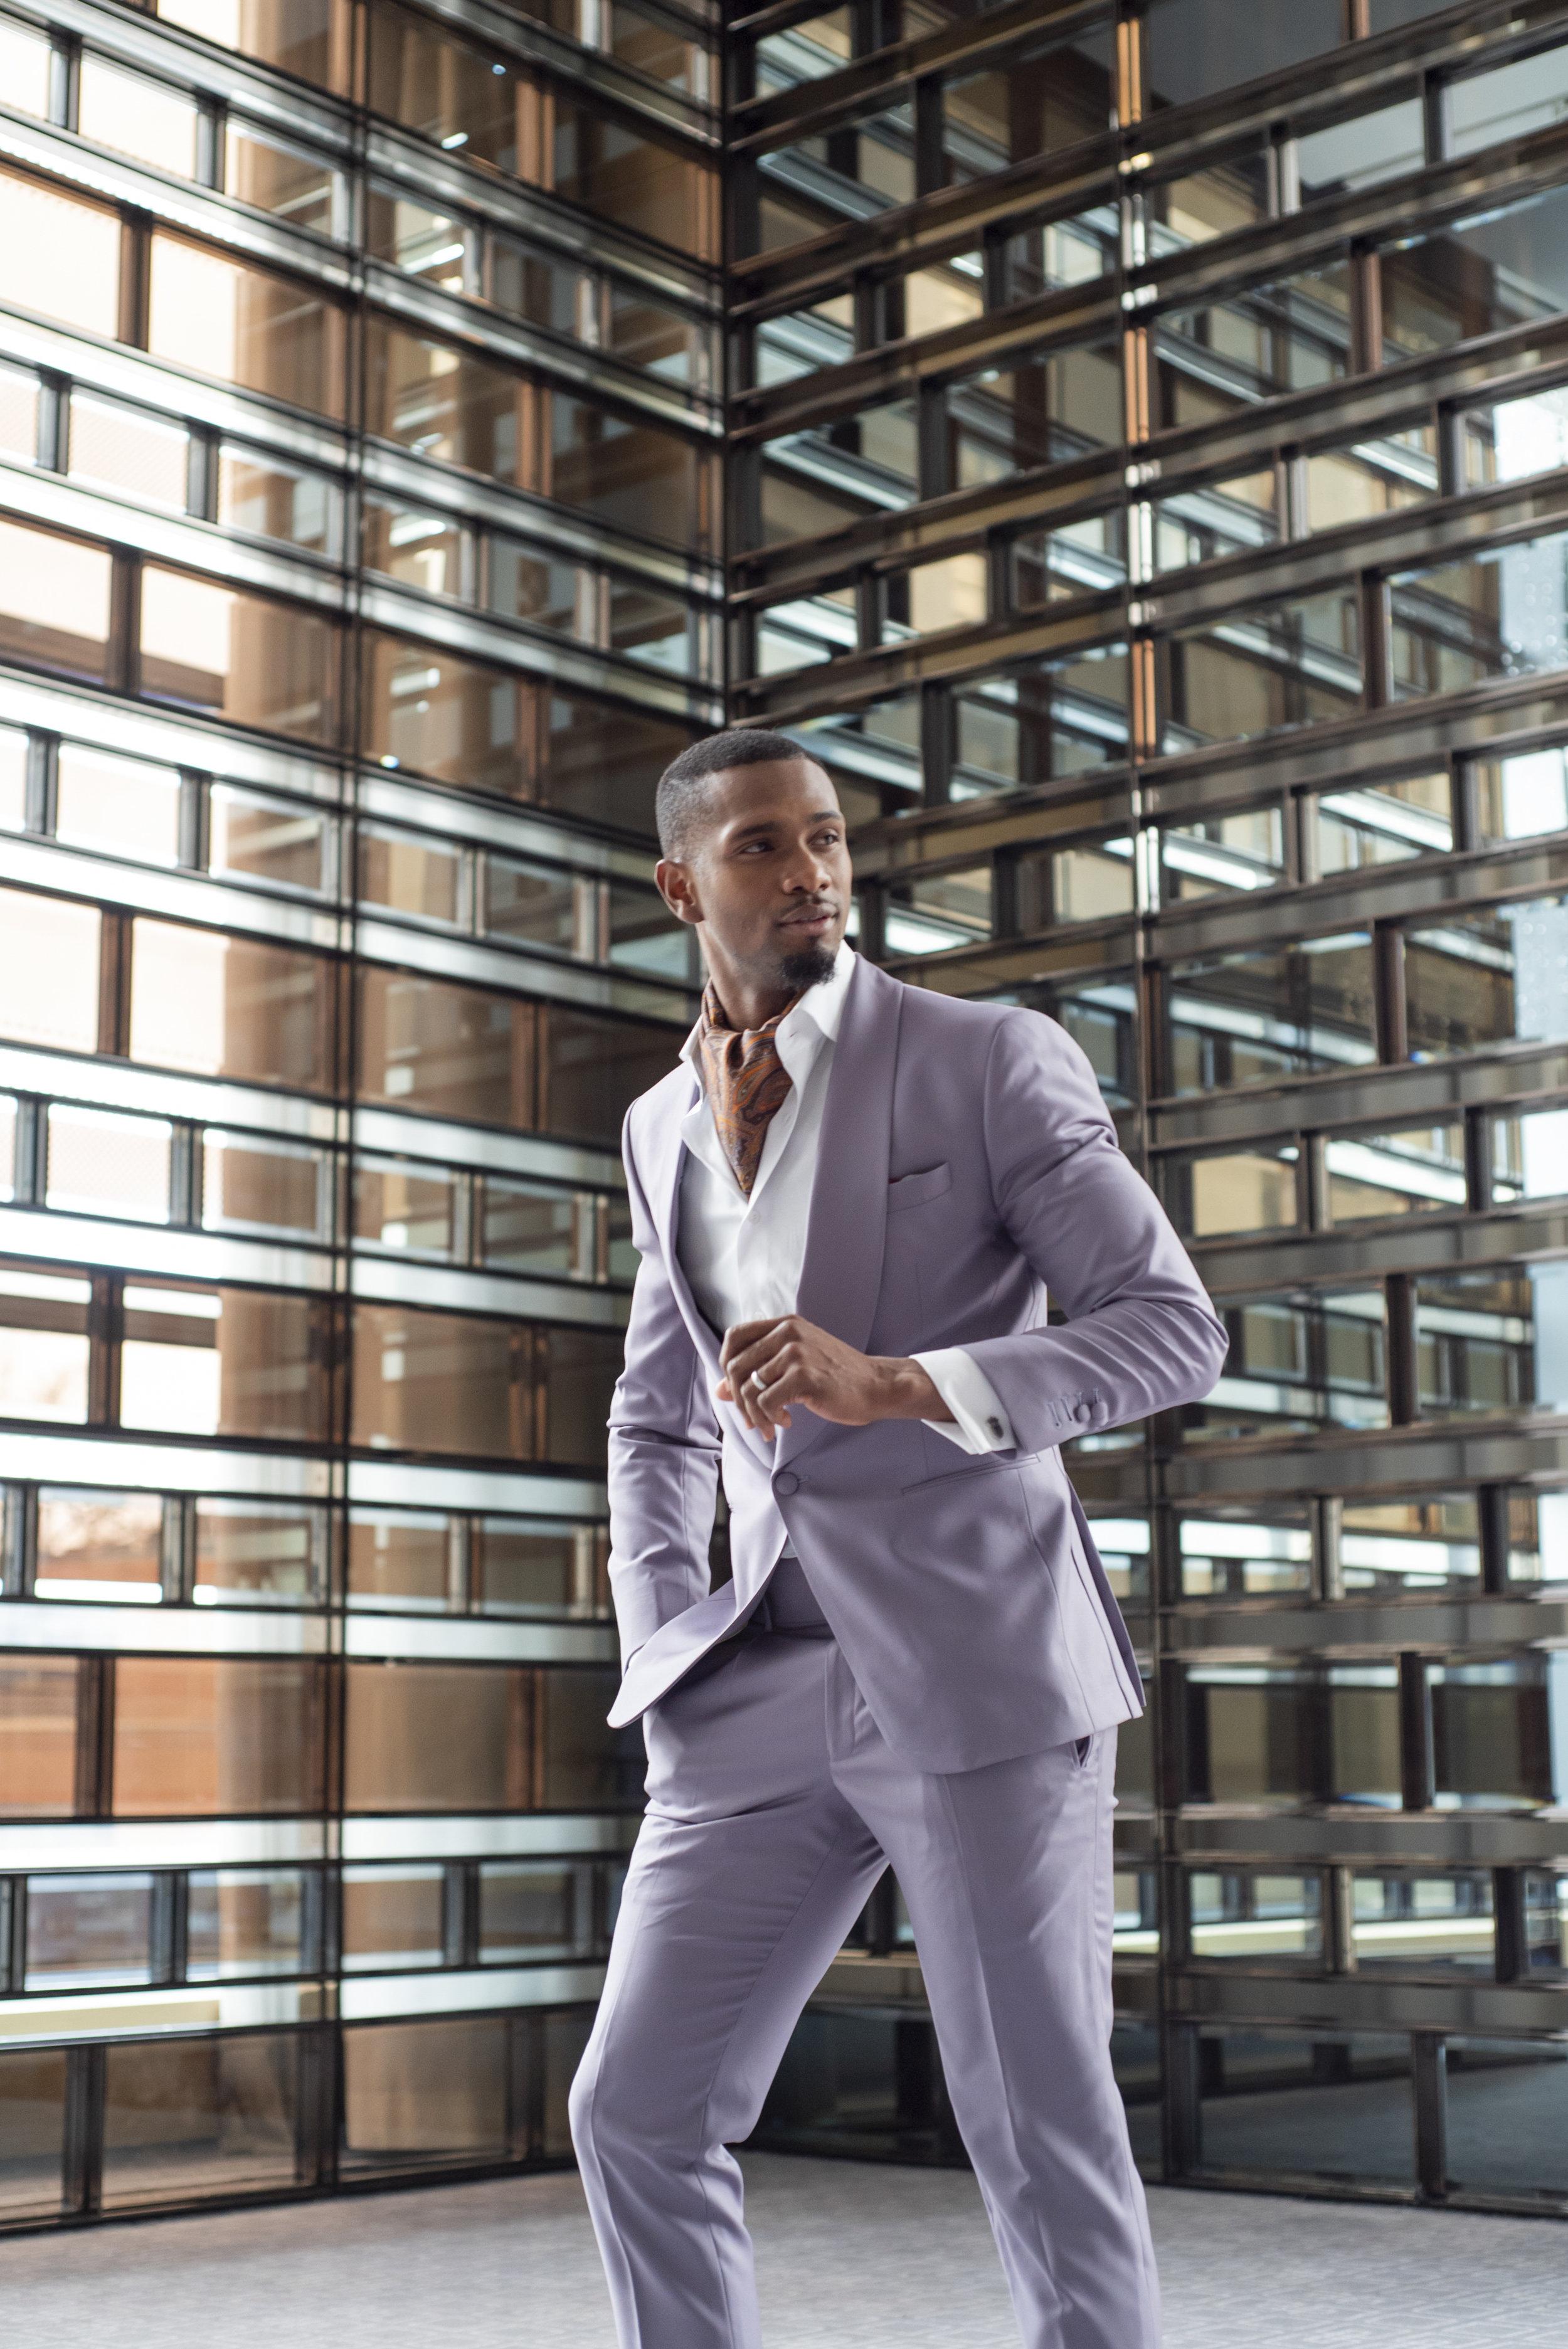 August In Bloom - Groom in purple suit - The Suited Groom (The Bridal Affair)